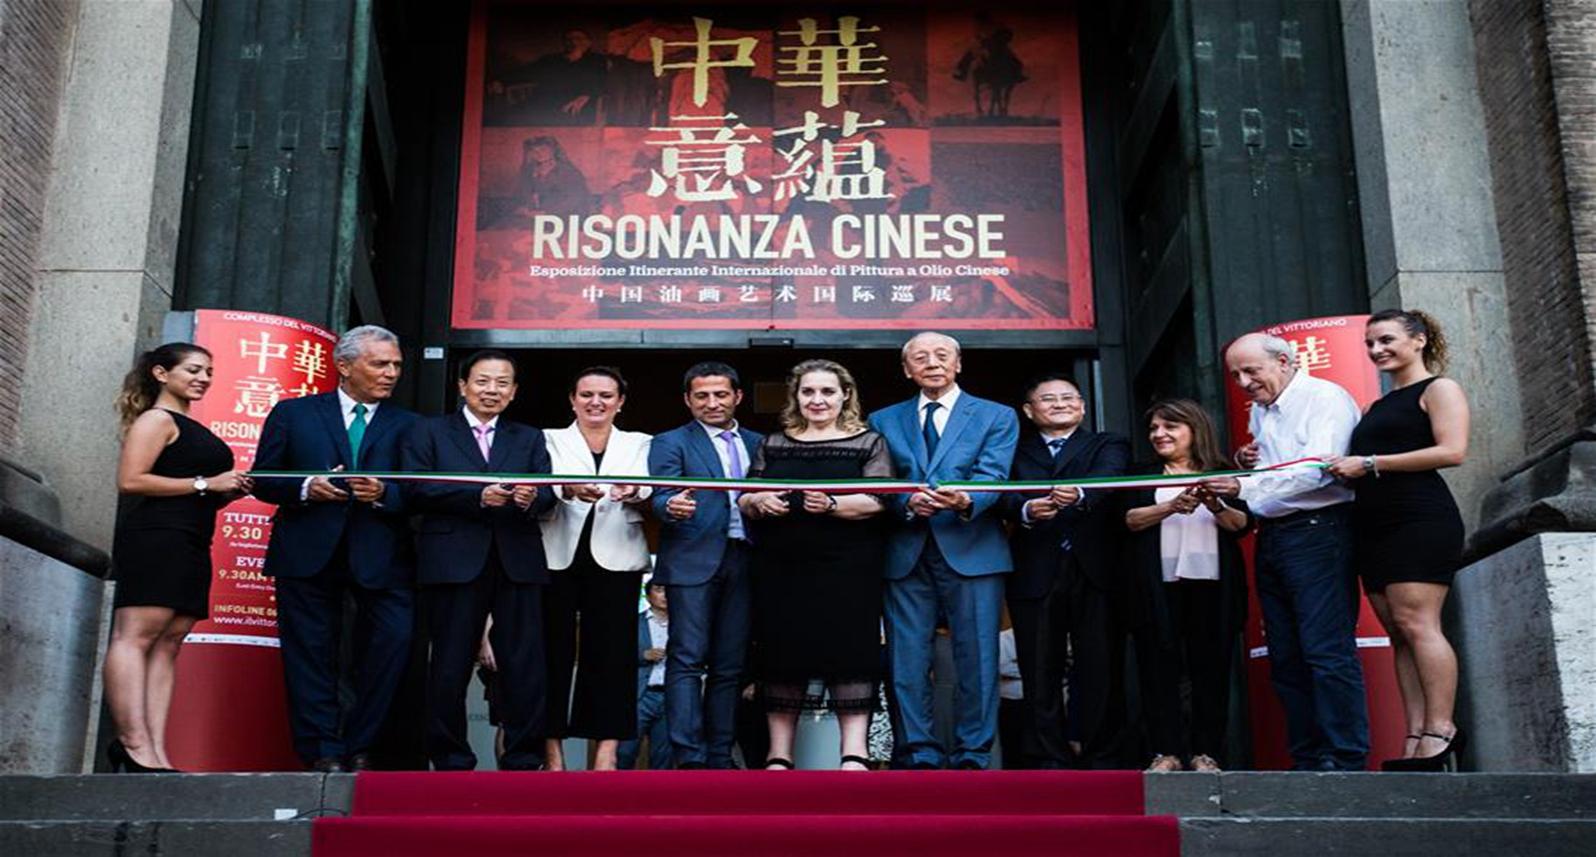 中華意蘊——中國油畫藝術國際巡展在羅馬舉行